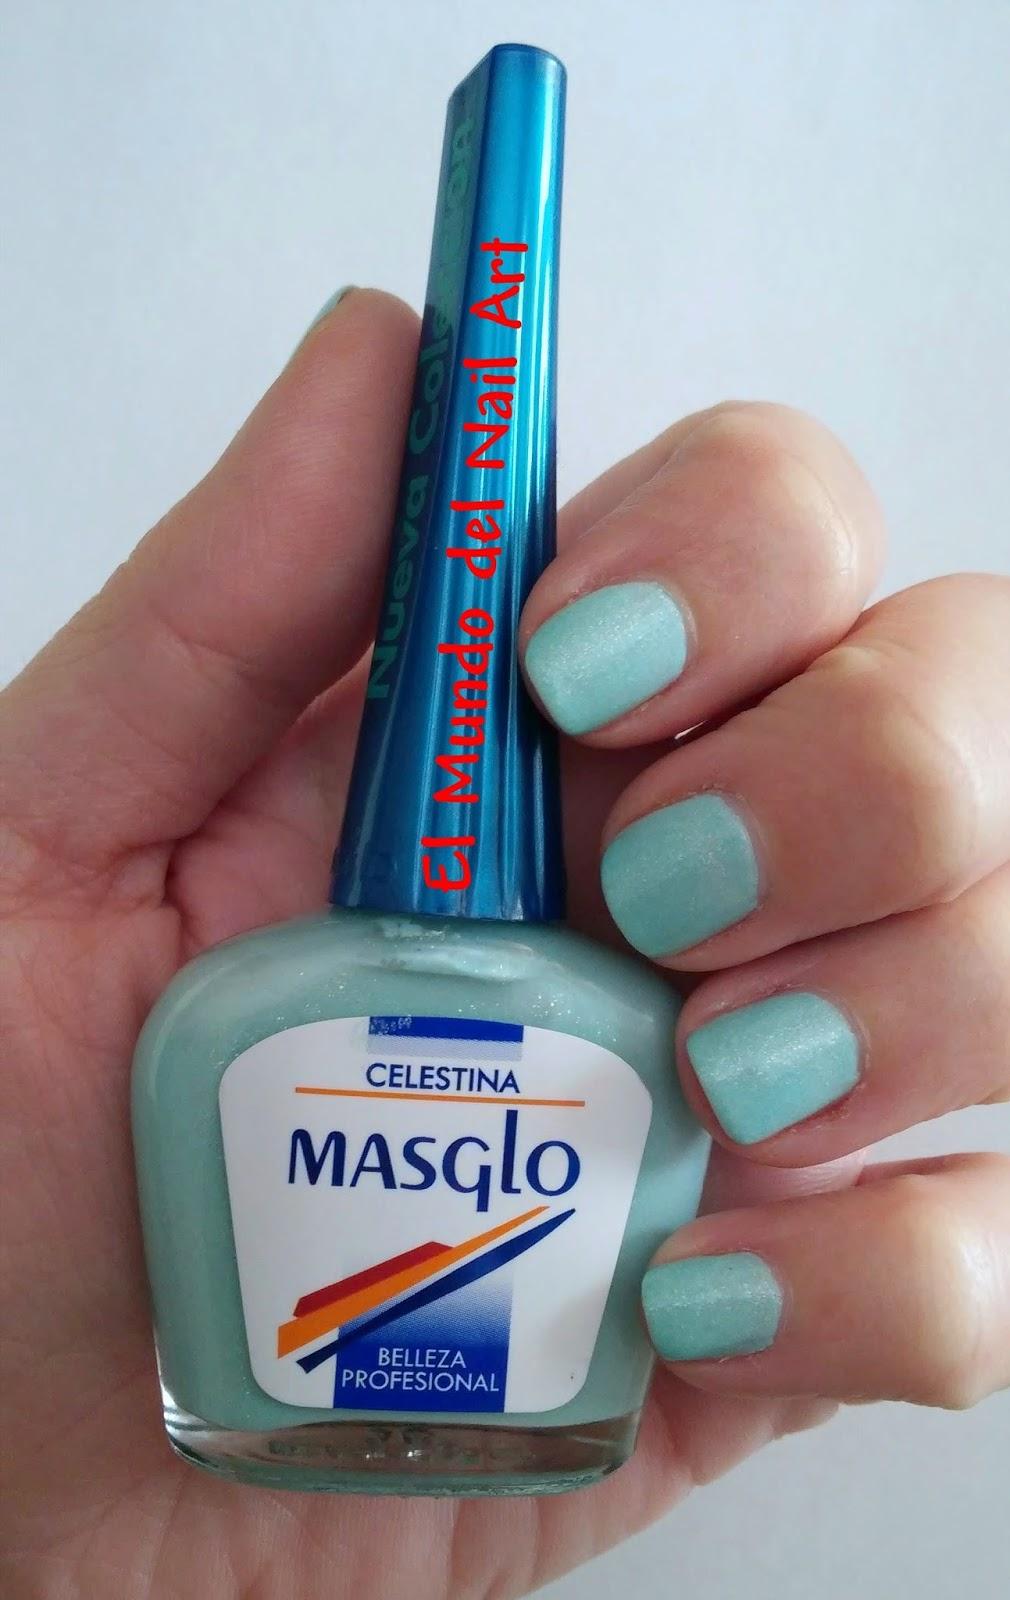 El Mundo del Nail Art: Manicura Celestina #Masglo